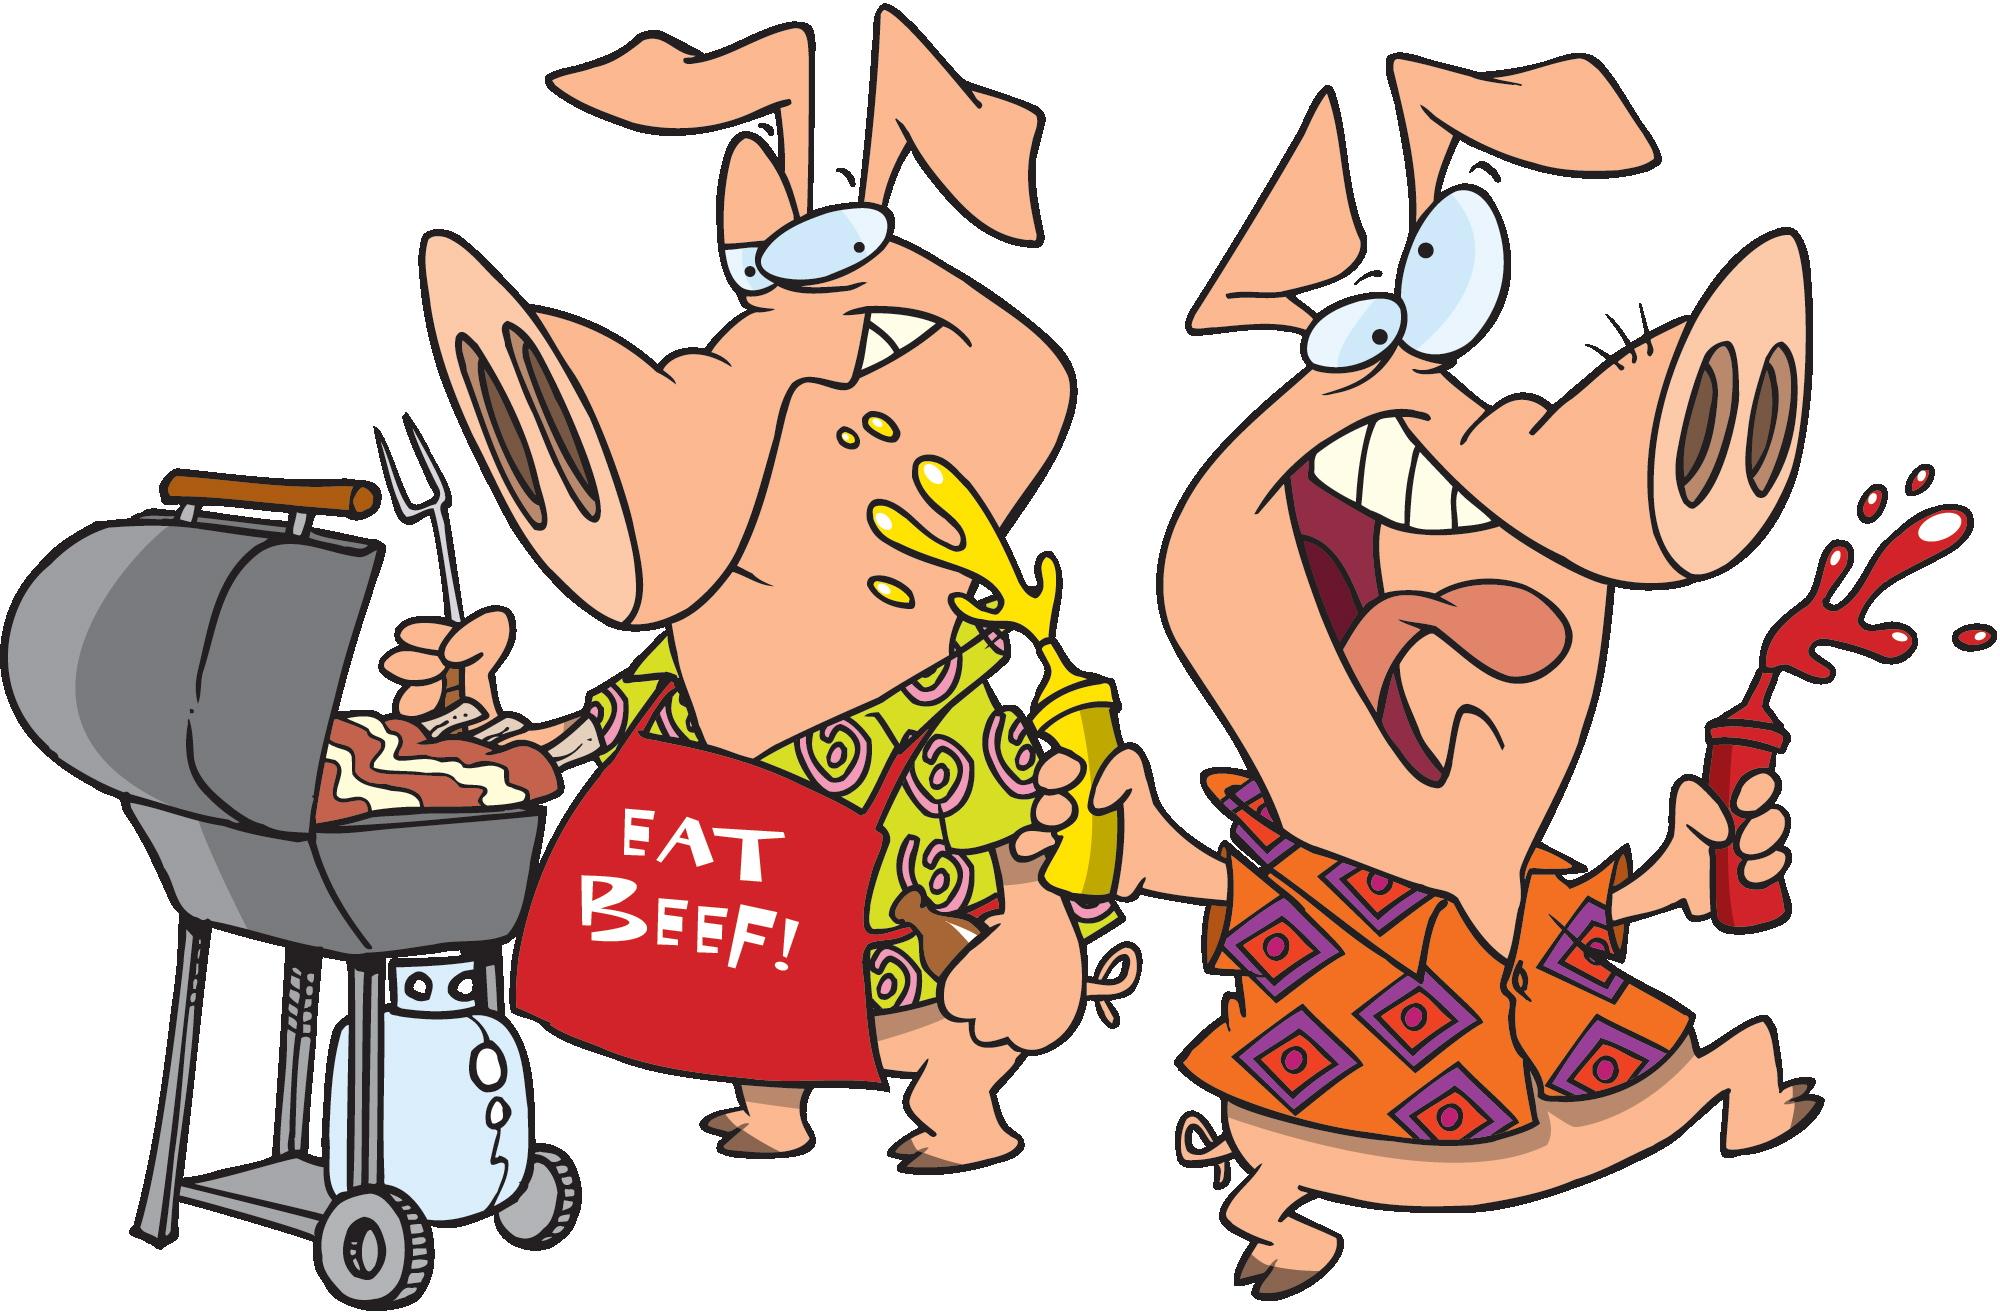 pig-picking-clipart-1.jpg